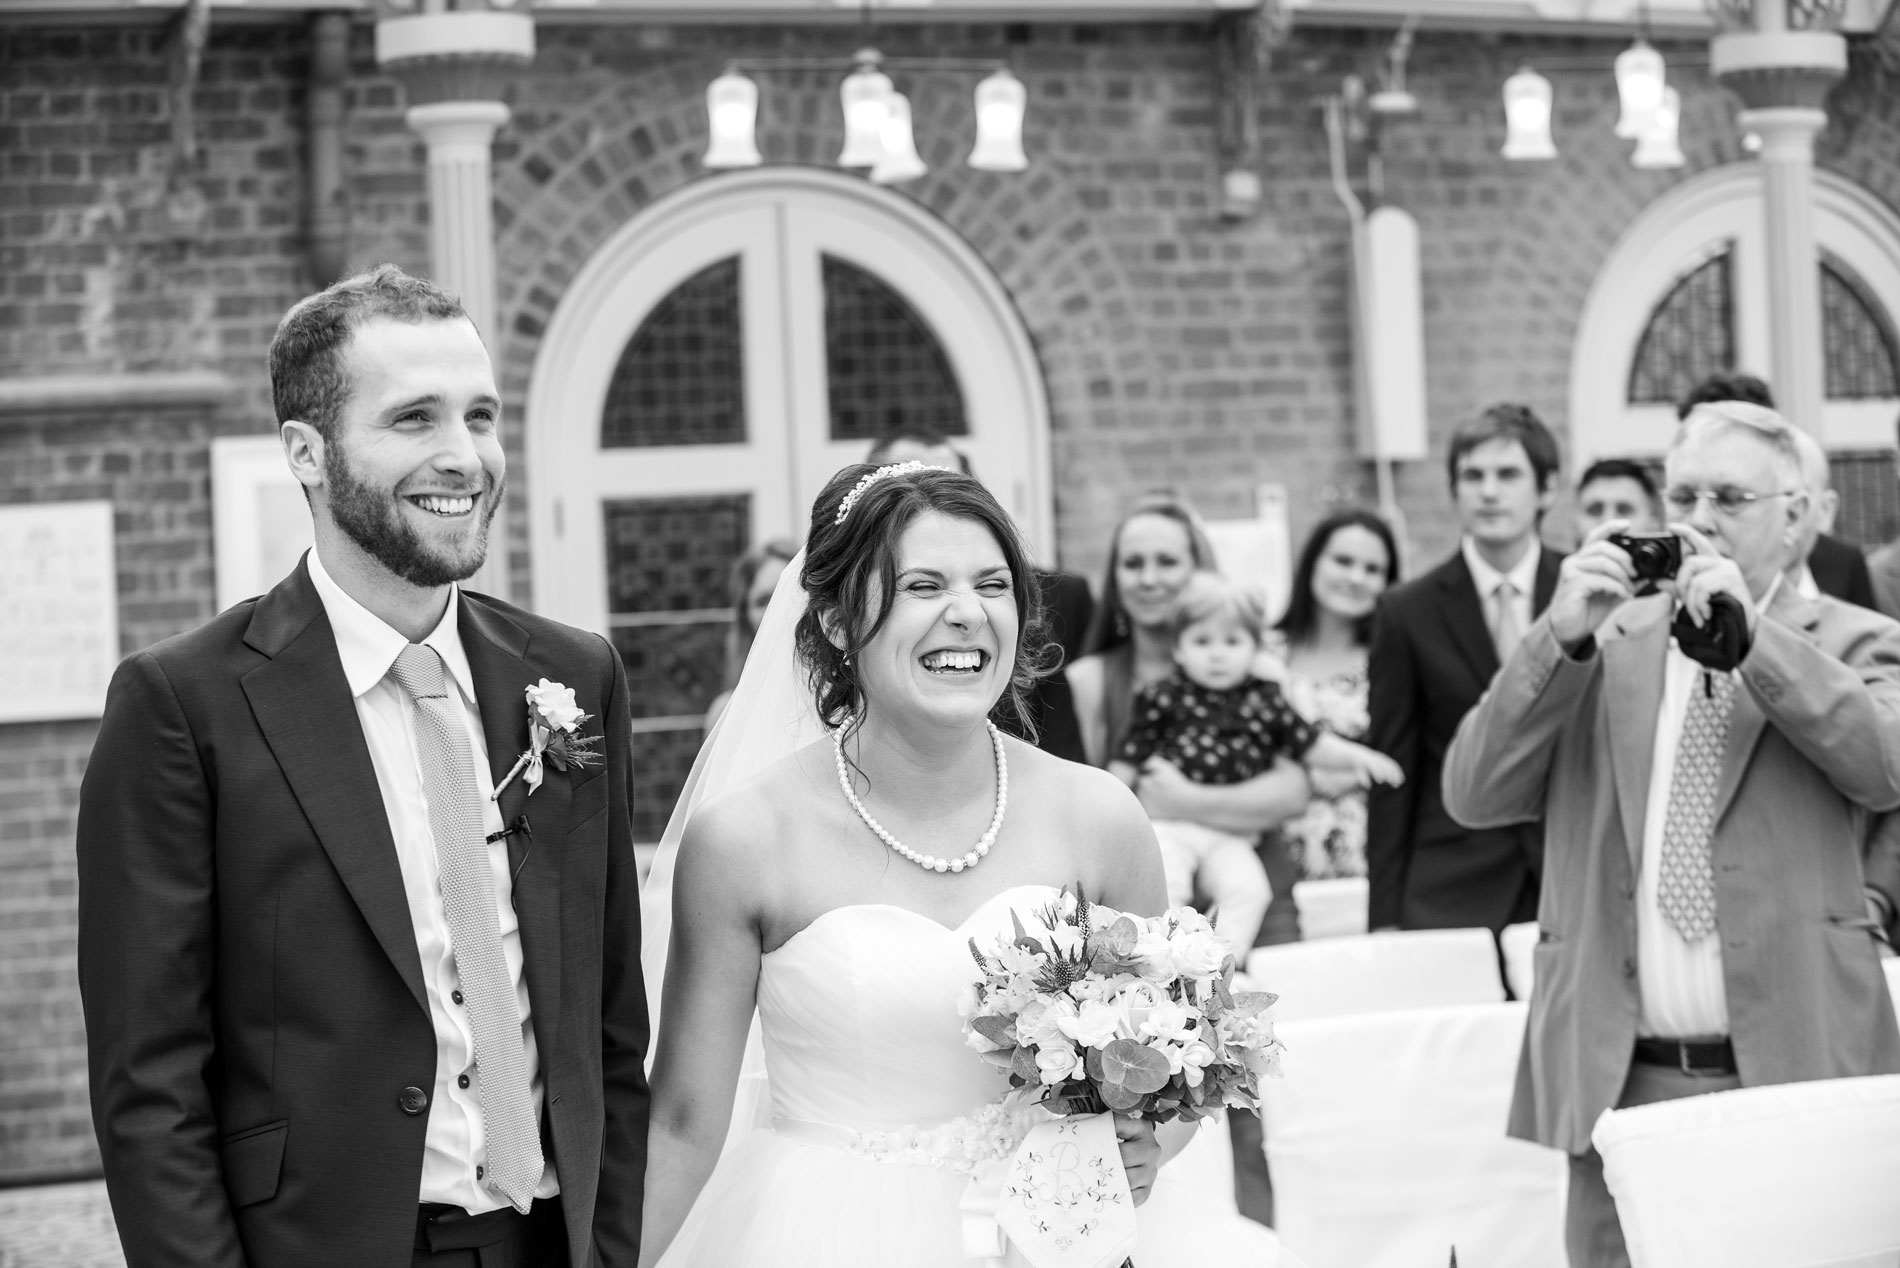 Kilworth-weddings-_25.jpg